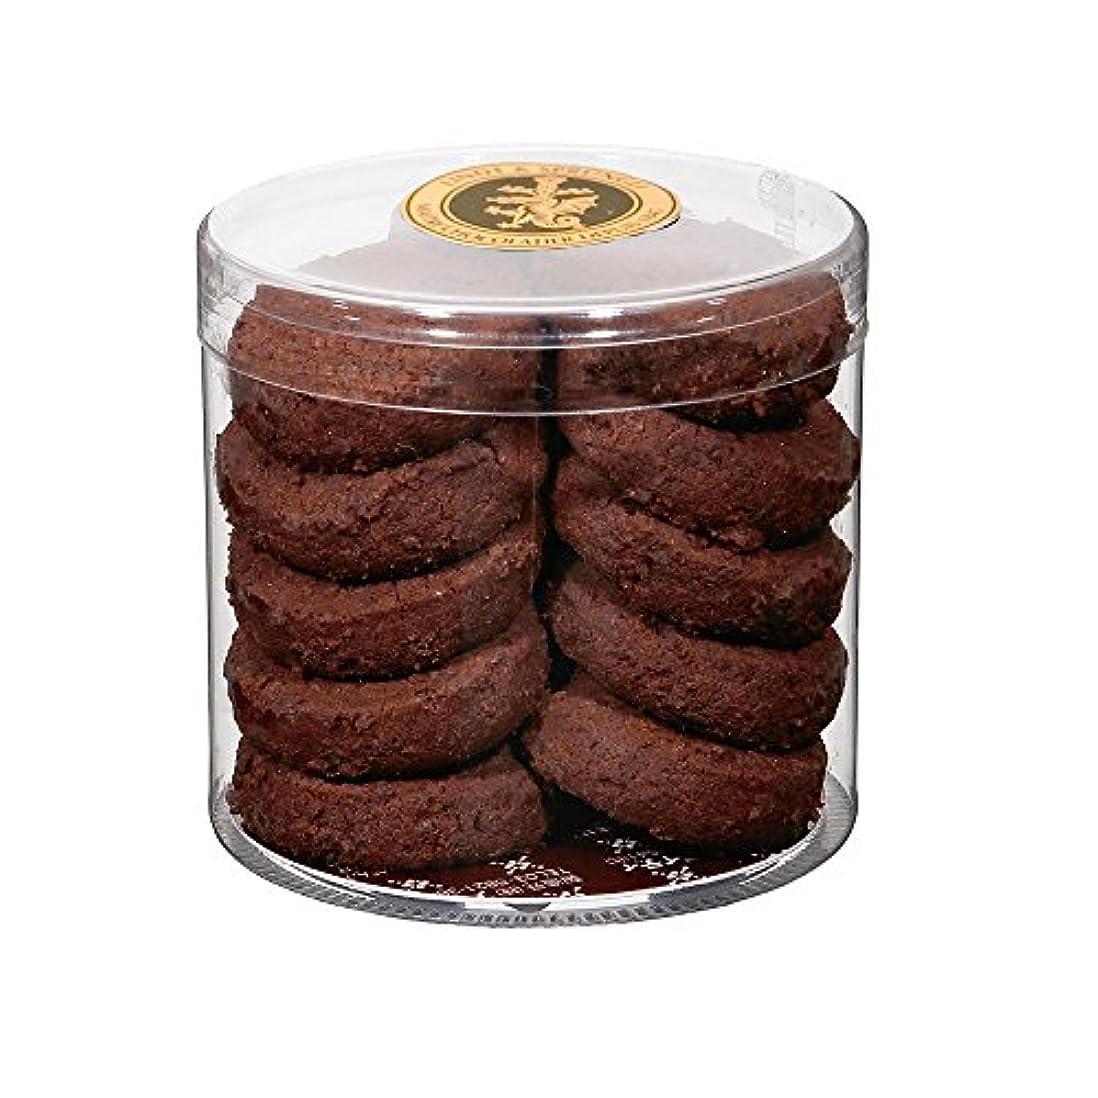 増幅債務者効率的リンツ チョコレート (Lindt) (CHR001) リンツ?メートルショコラティエ ミニサブレ ショコラ ショッピングバッグS付